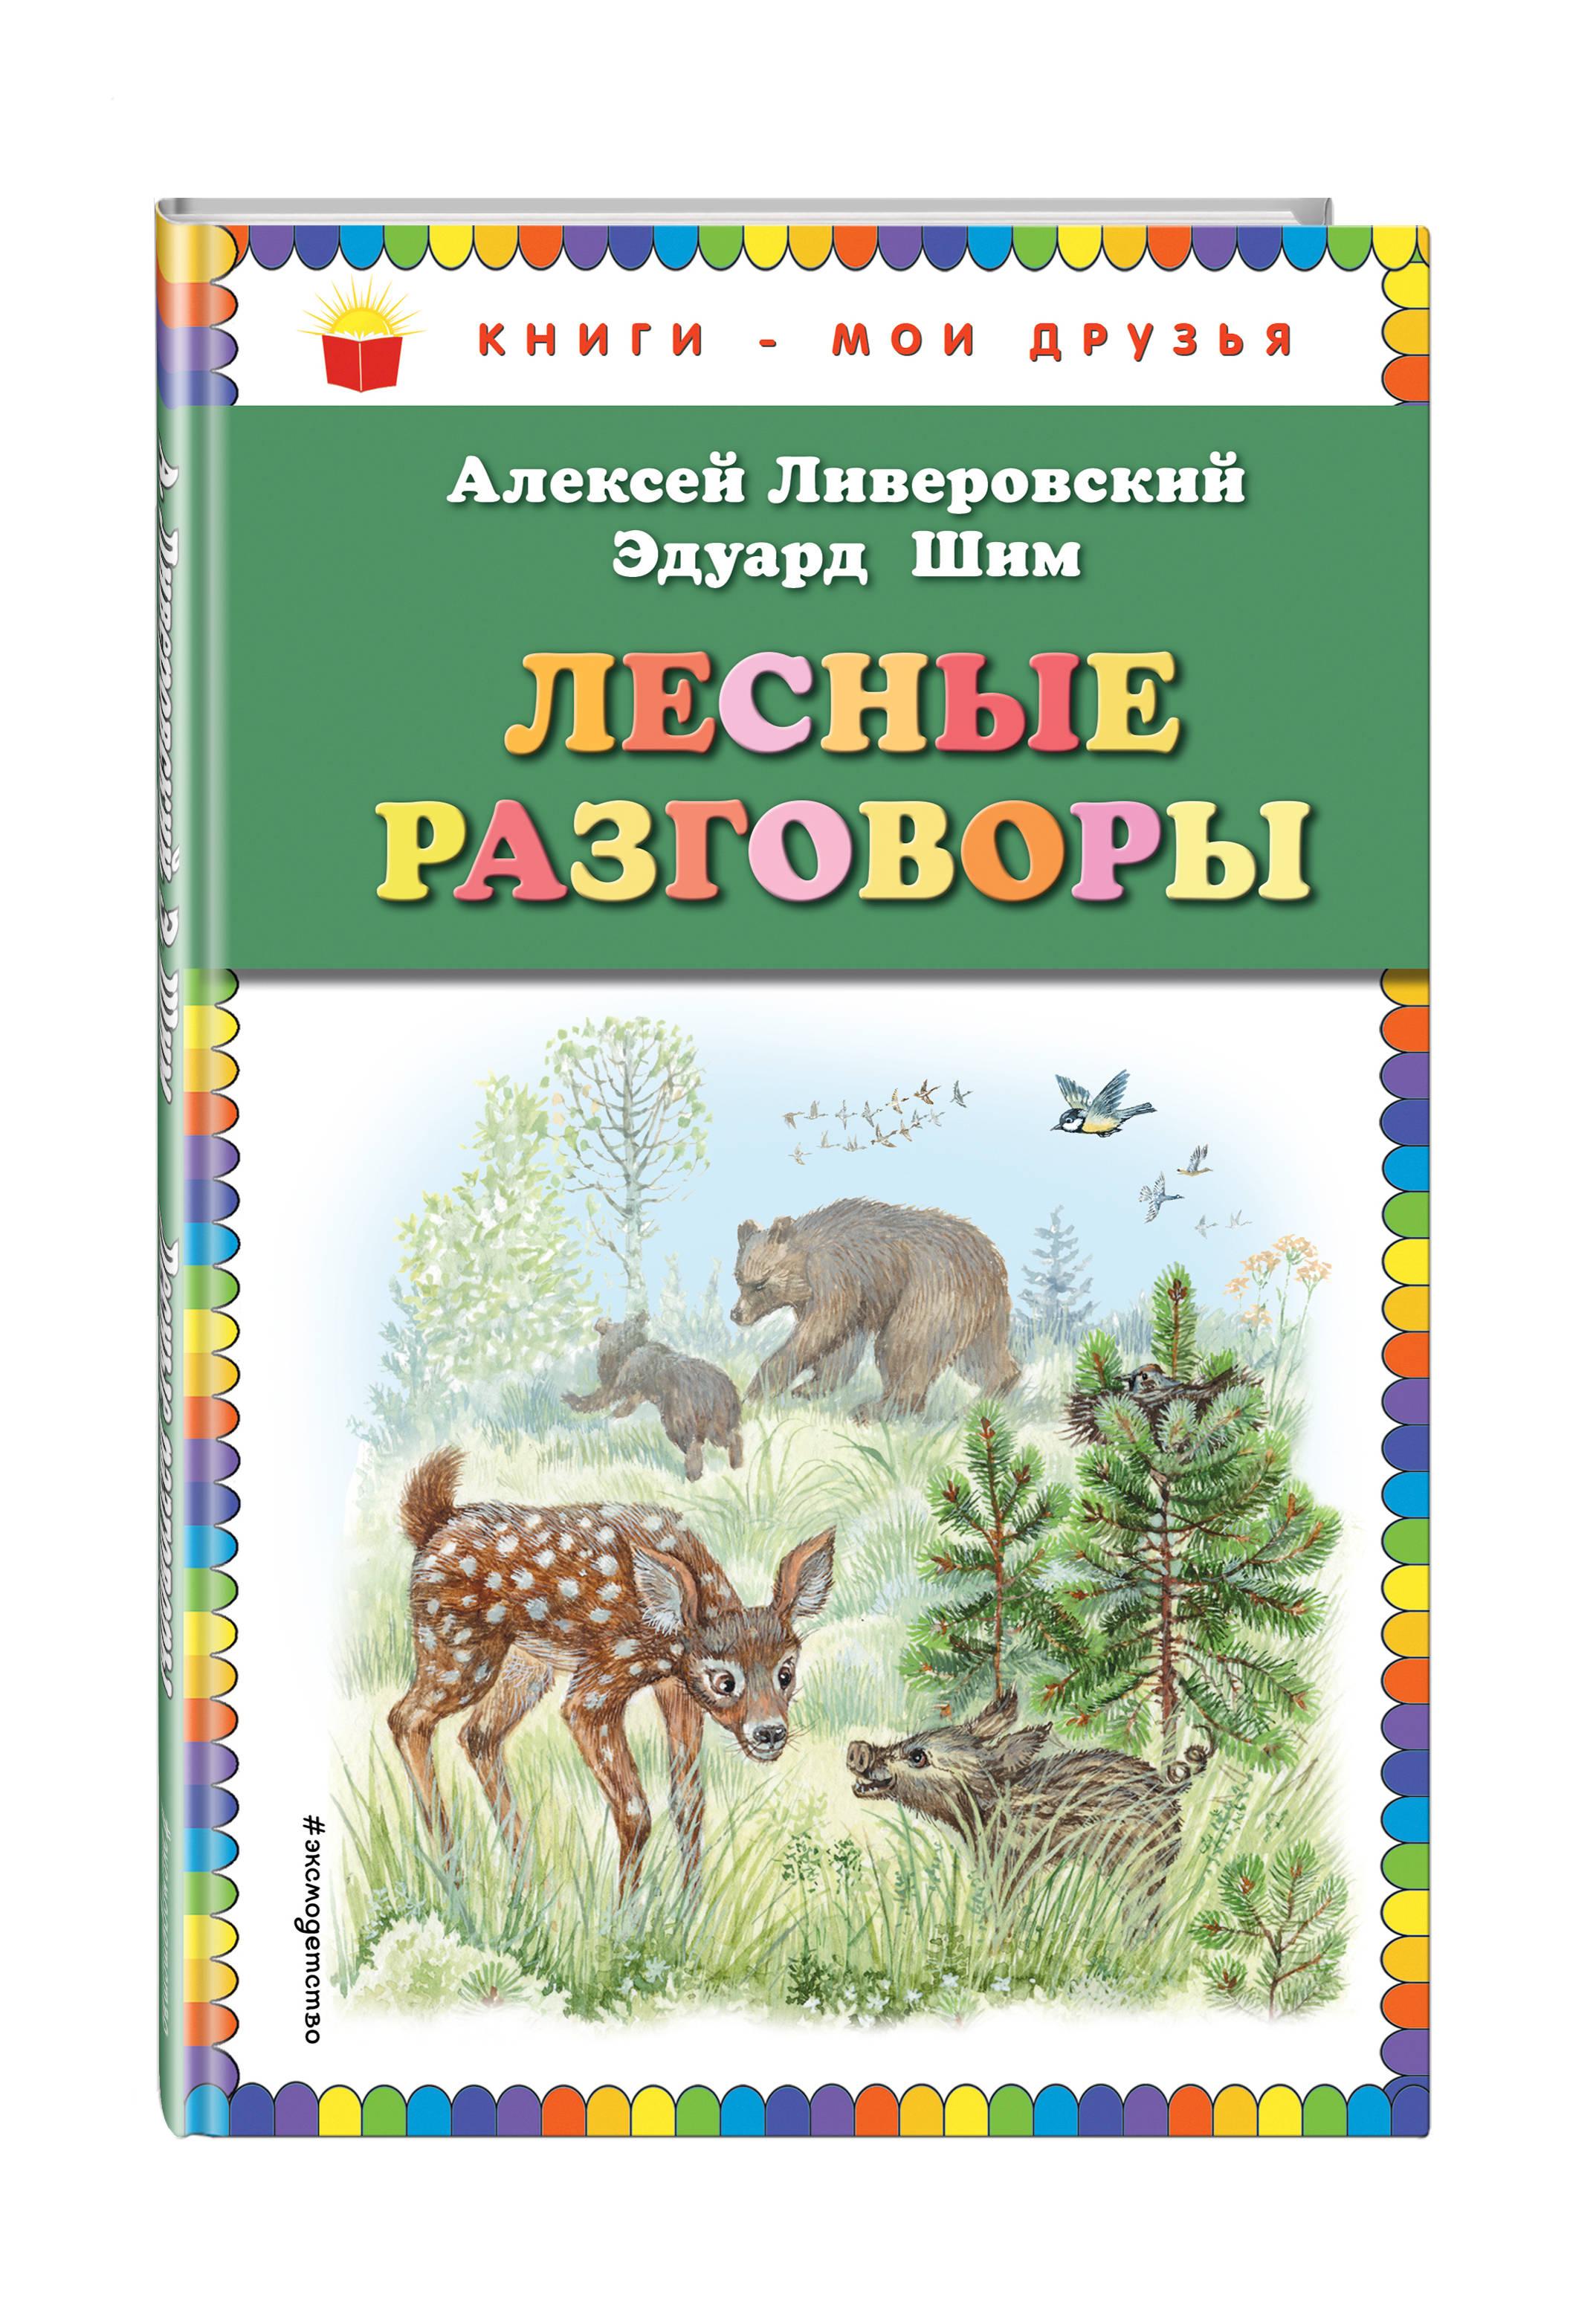 Алексей Ливеровский, Эдуард Шим Лесные разговоры